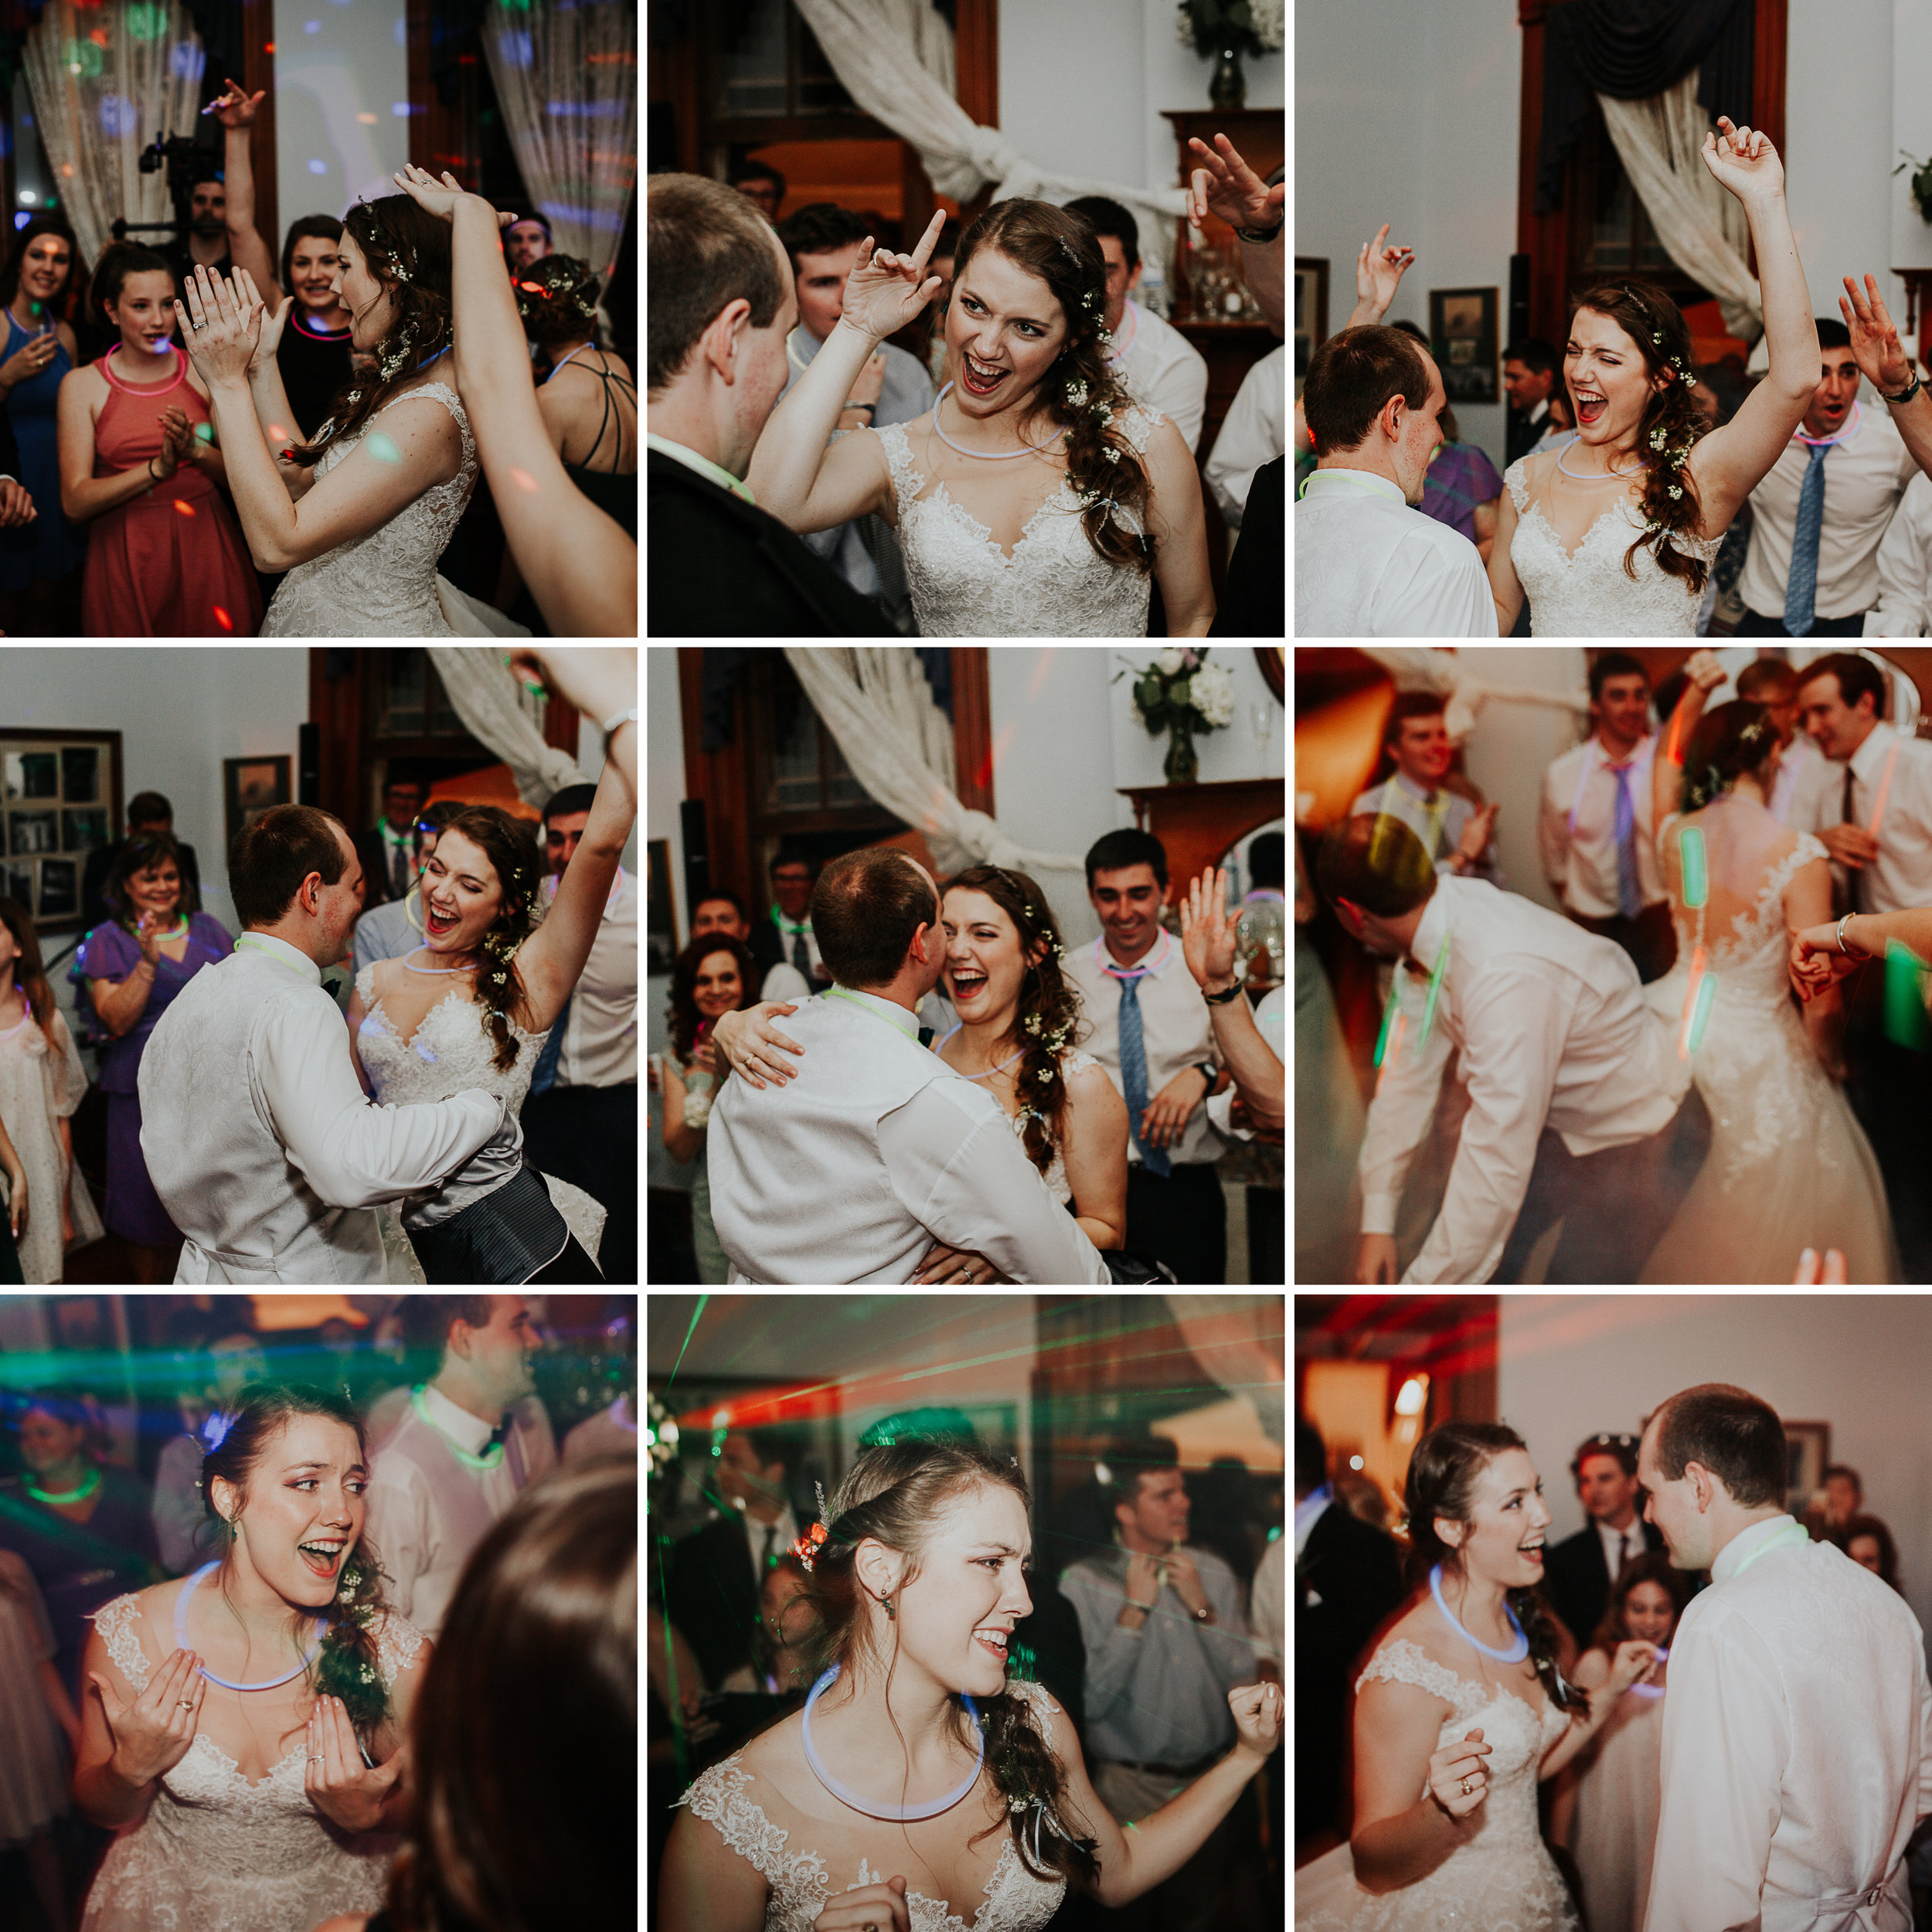 dance floor for jenna.jpg